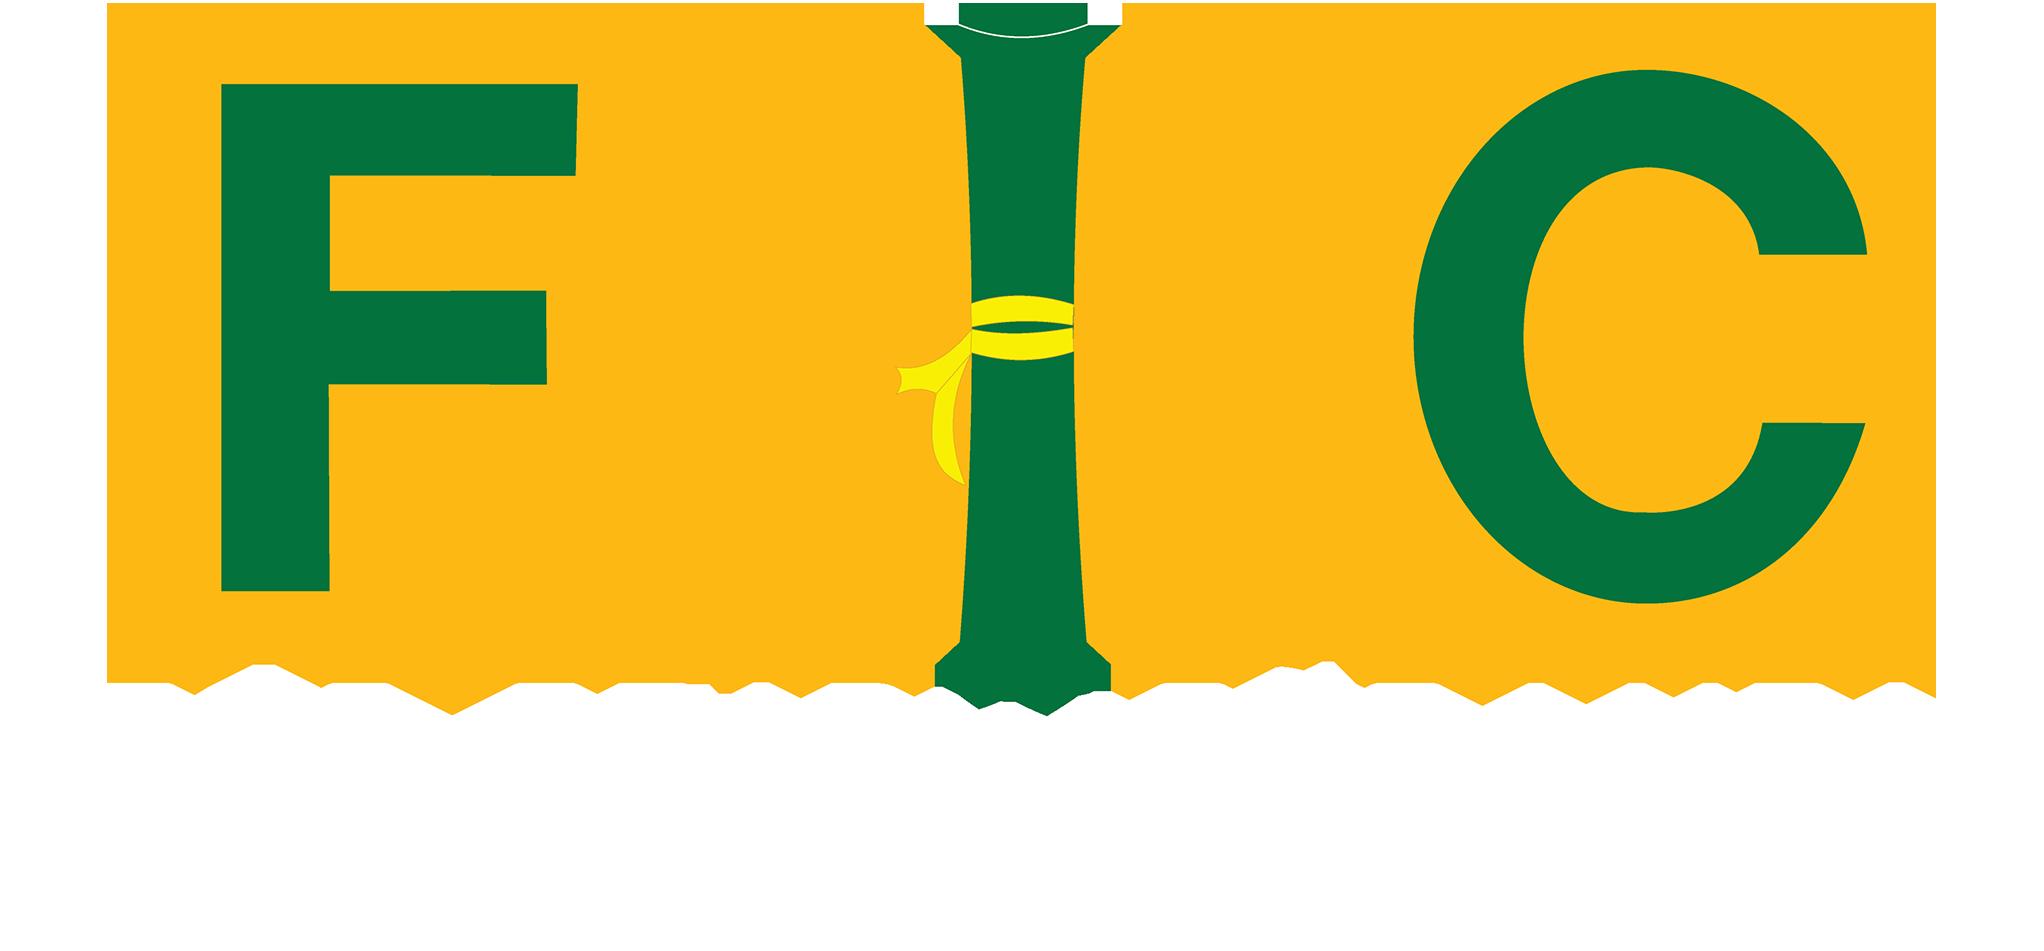 FIC Redenção - Faculdade Integrada Carajás